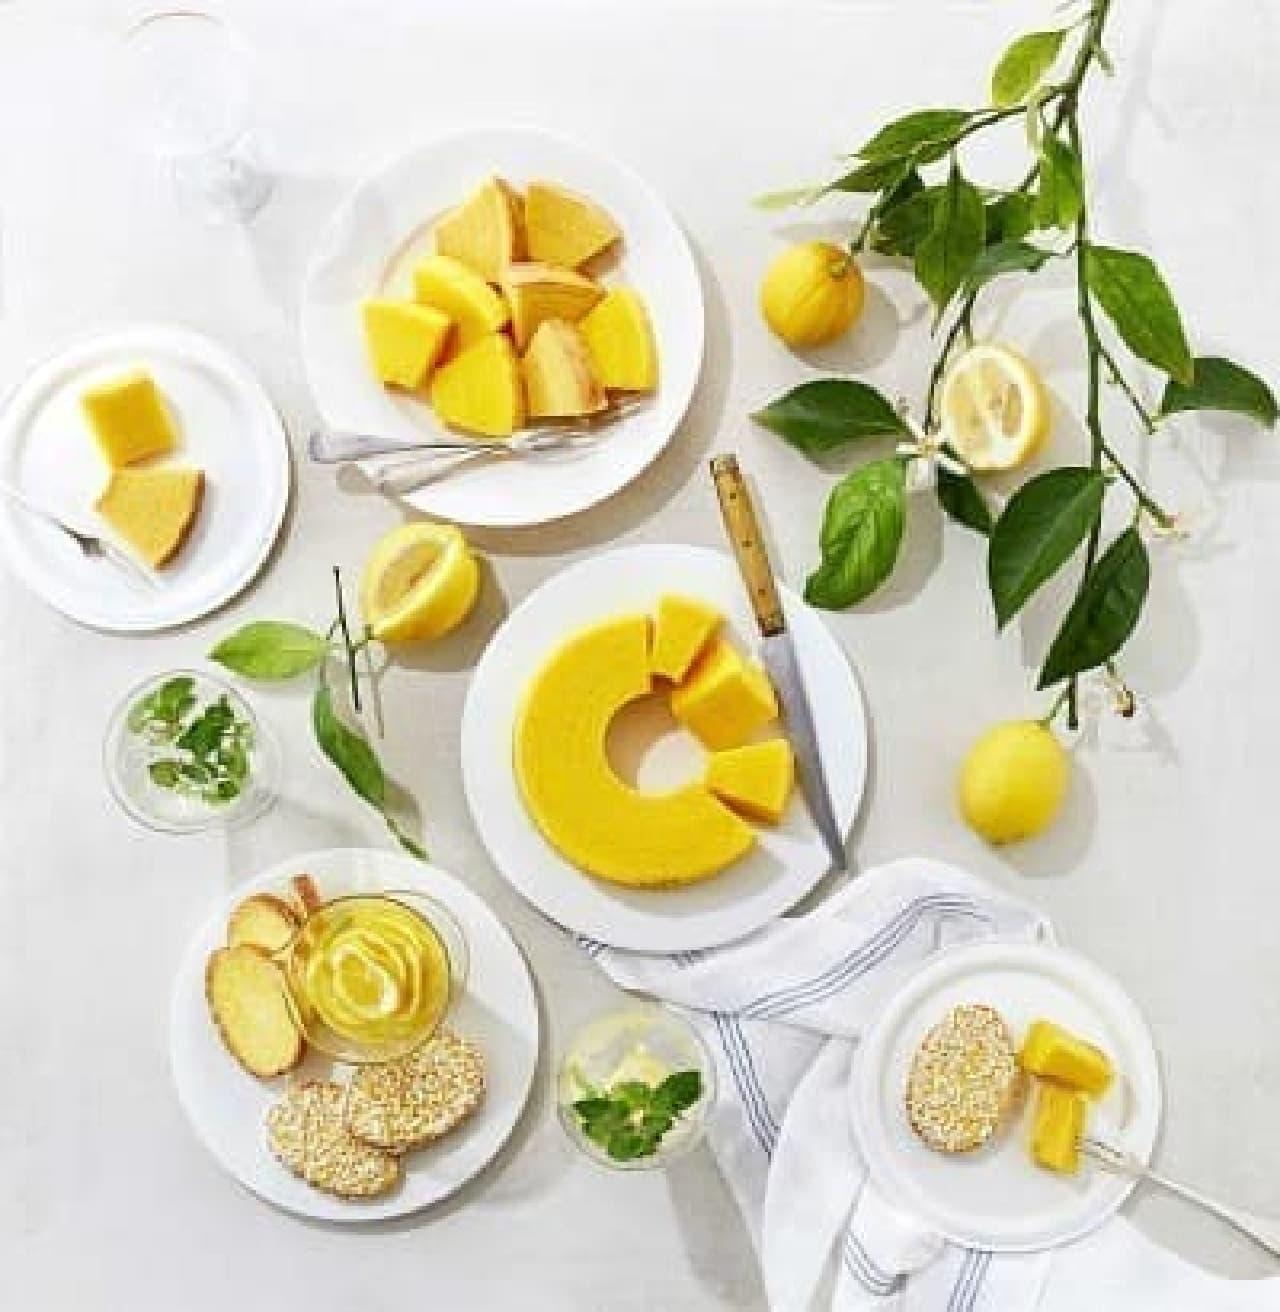 治一郎「レモンのサマースイーツ」